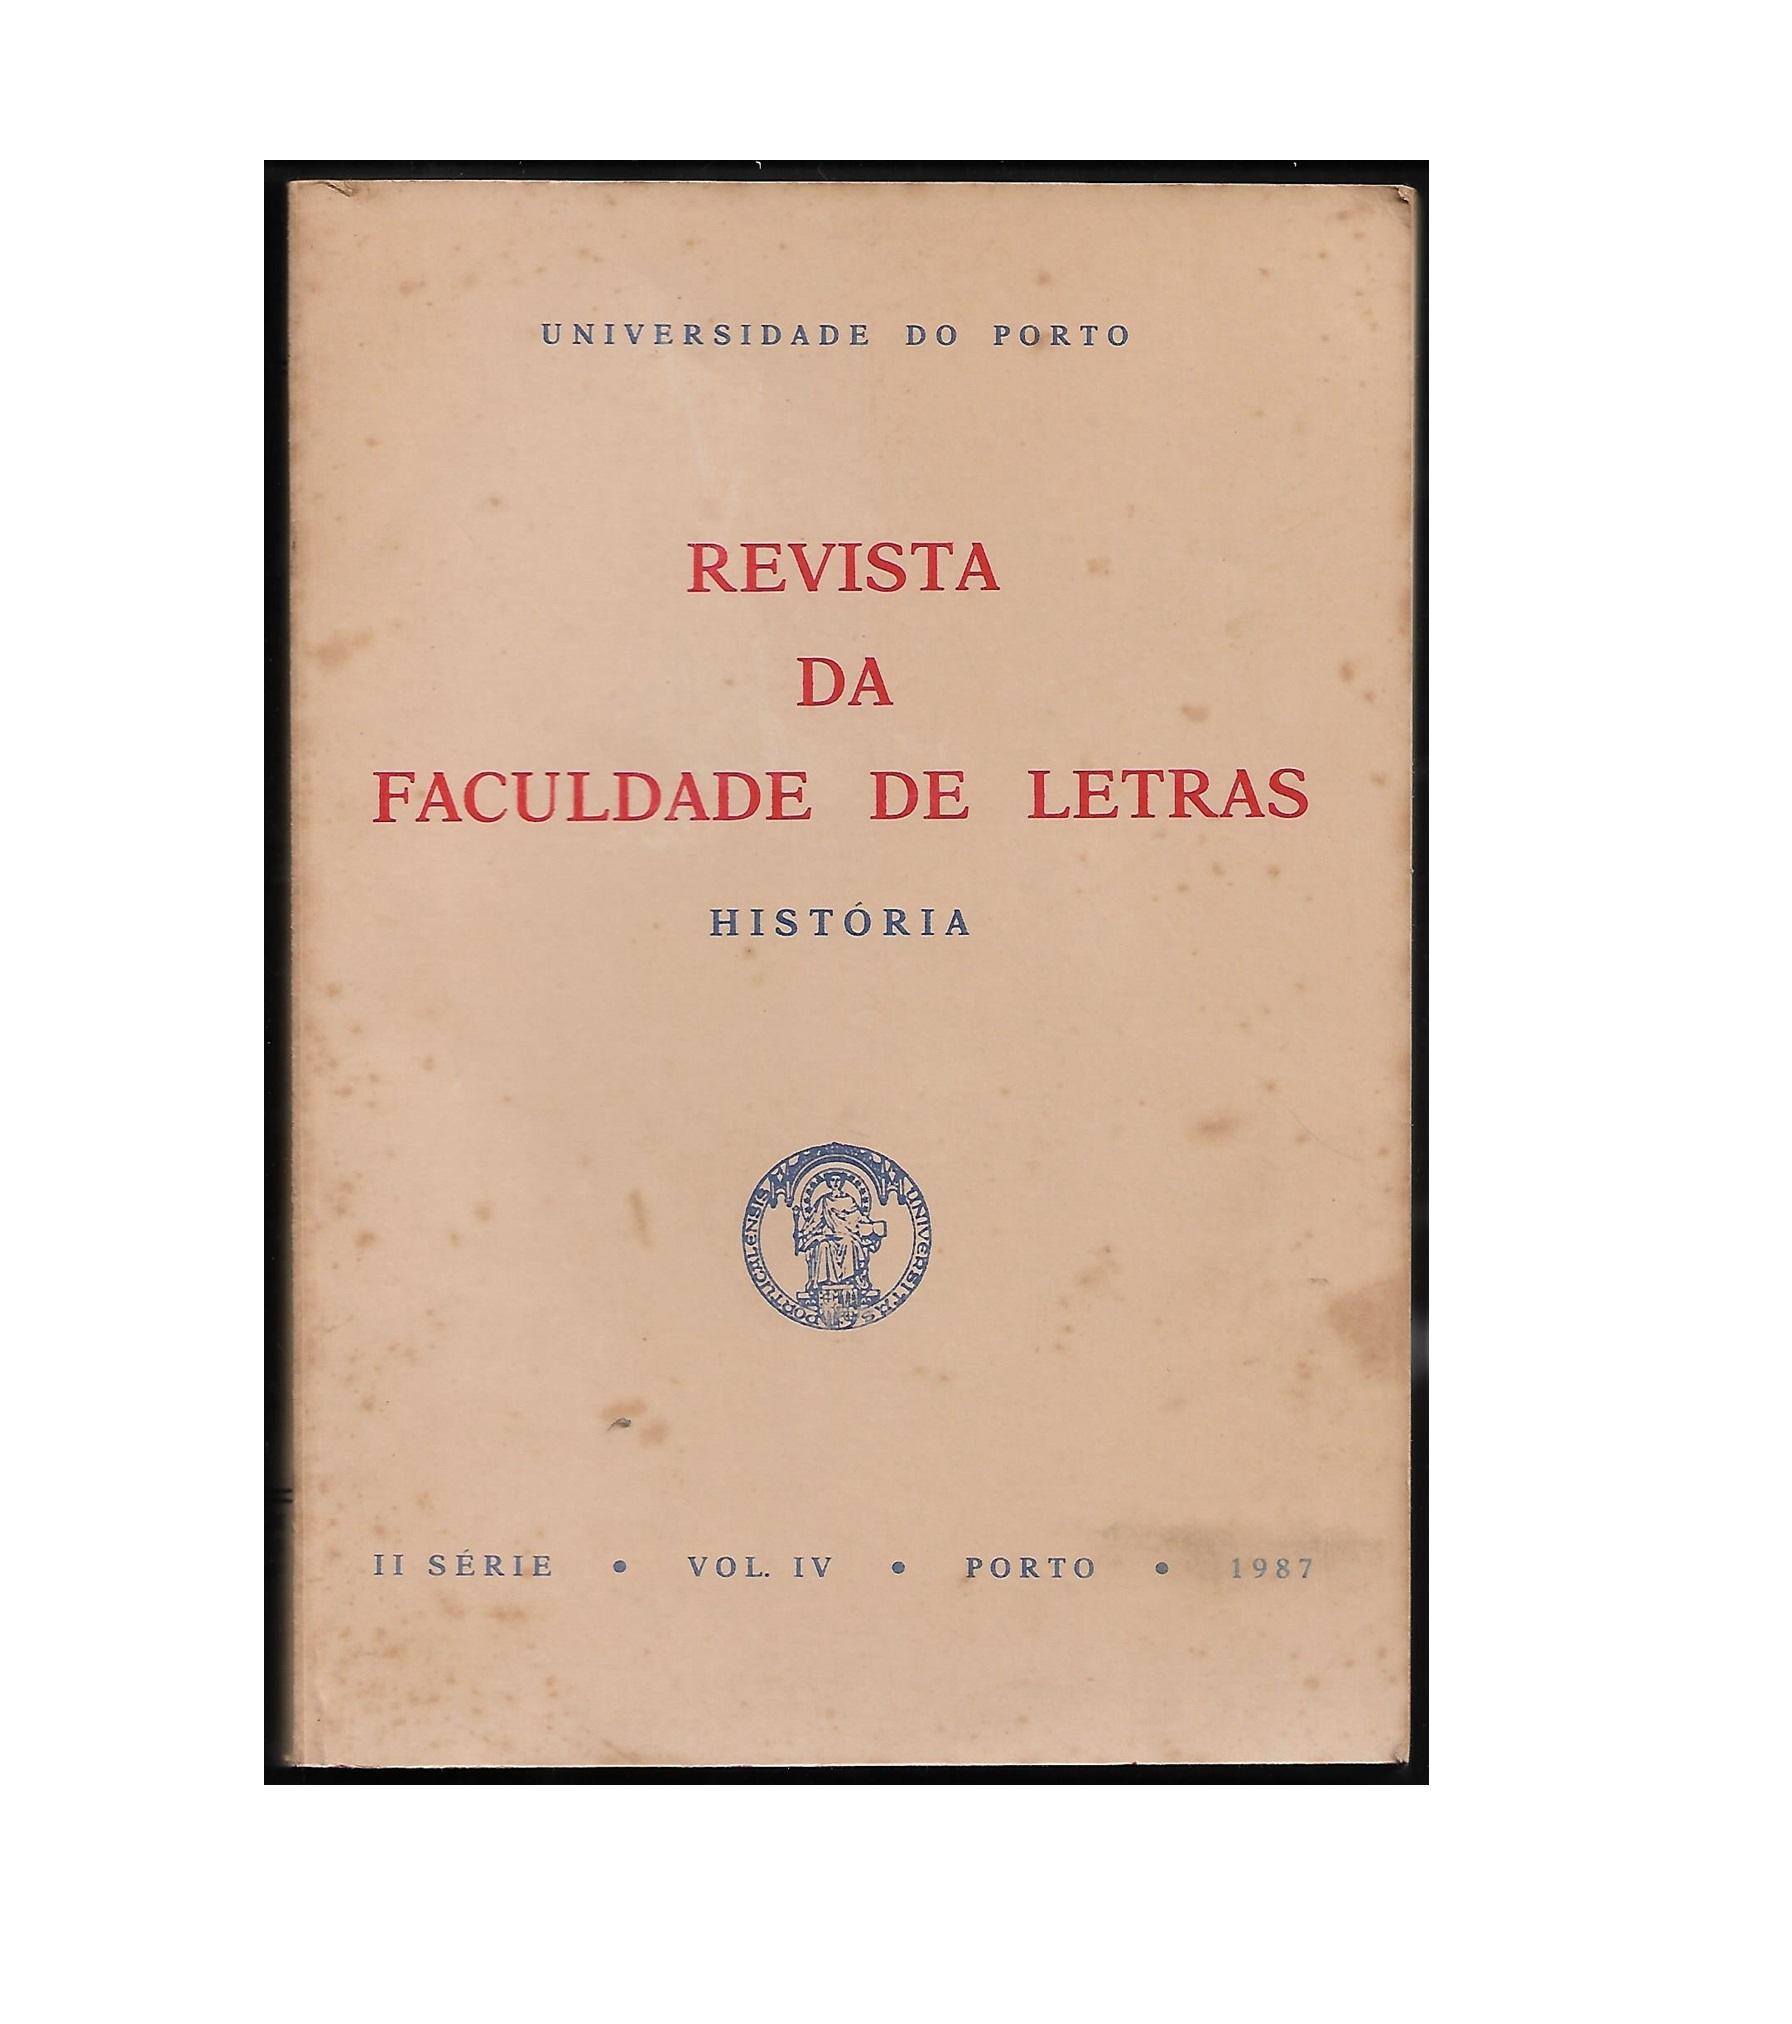 REVISTA DA FACULDADE DE LETRAS: HISTÓRIA. II SÉRIE. VOL. IV. 1987.